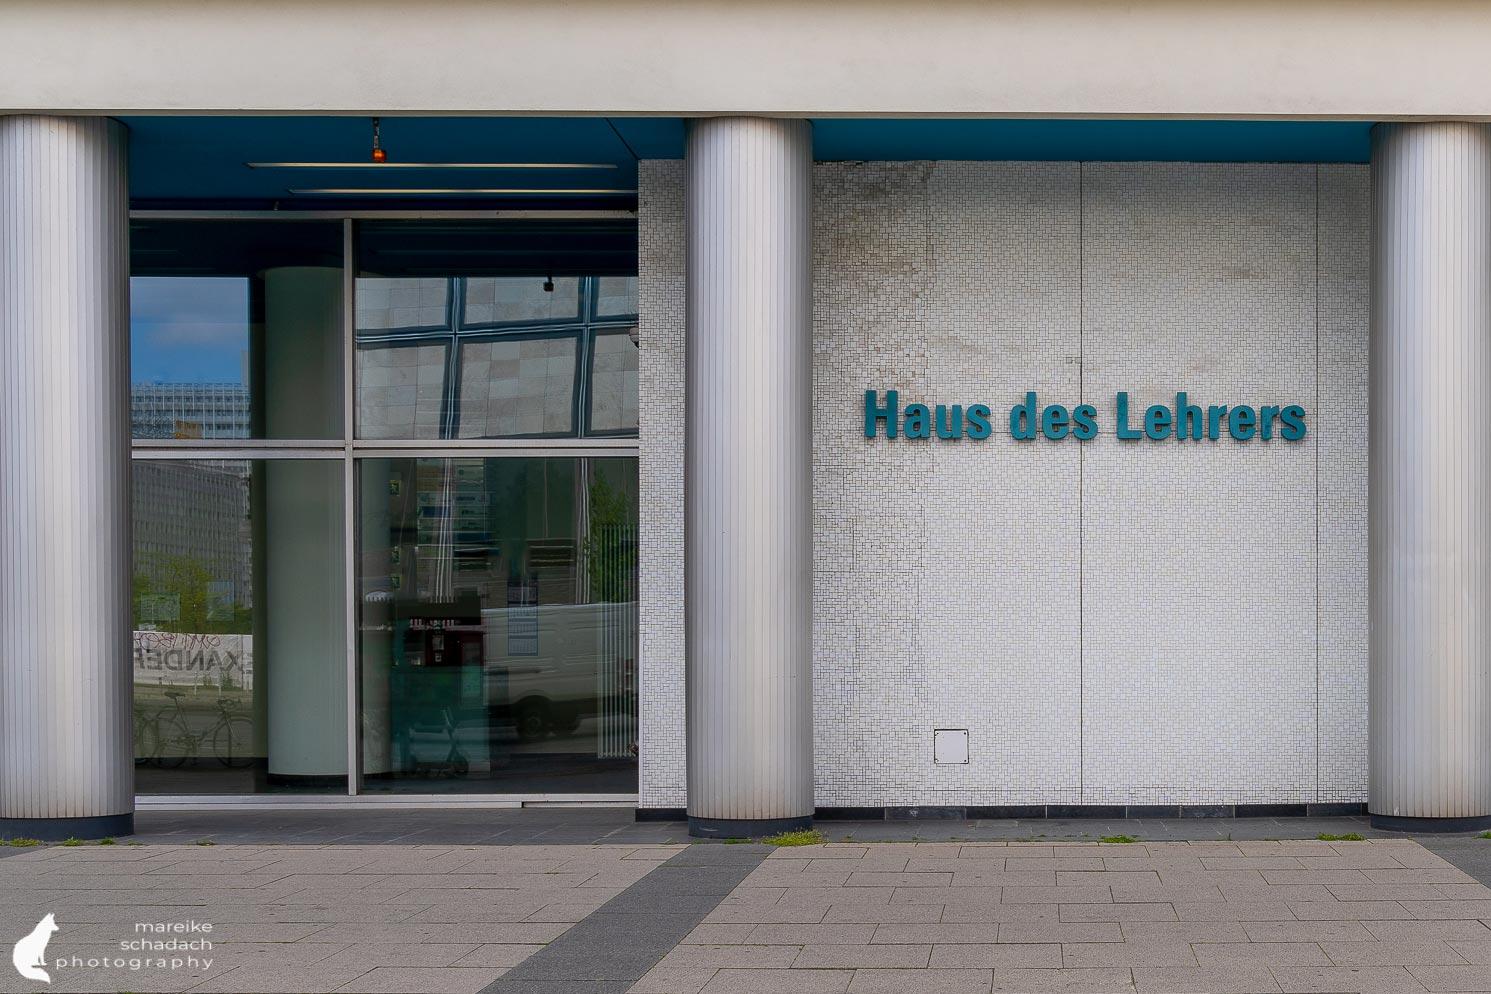 DDR Architektur in Berlin: Eingangsbereich am Haus des Lehrers